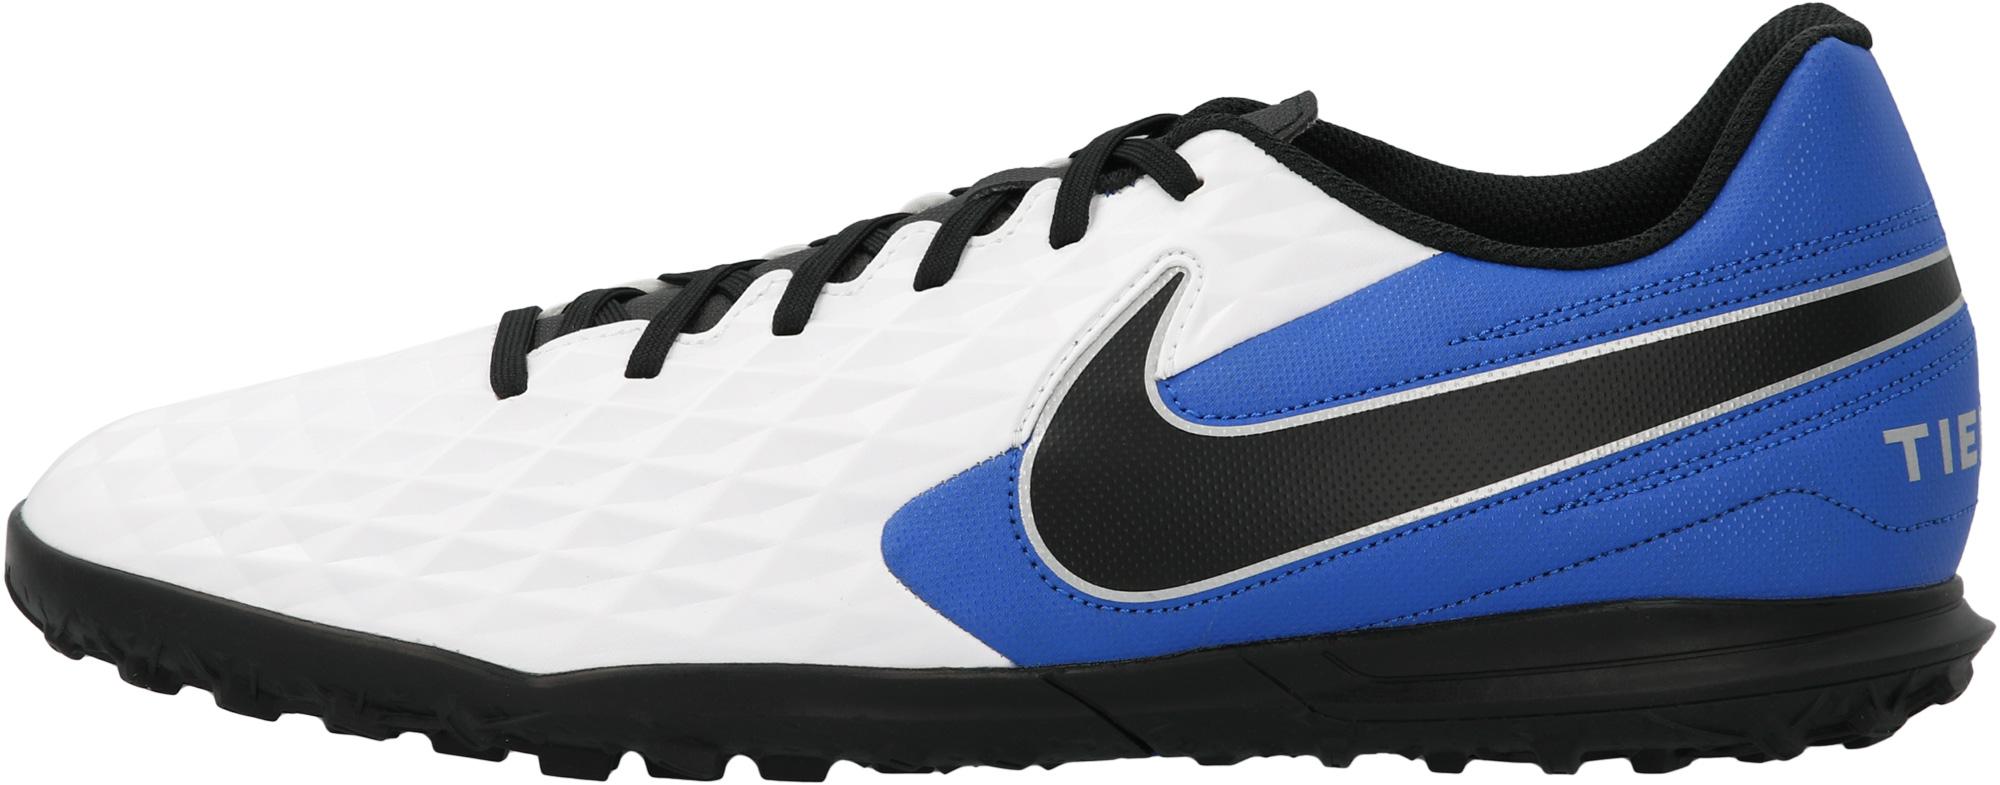 Nike Бутсы мужские Nike Legend 8 Club TF, размер 43.5 бутсы мужские nike legend 8 club ic размер 41